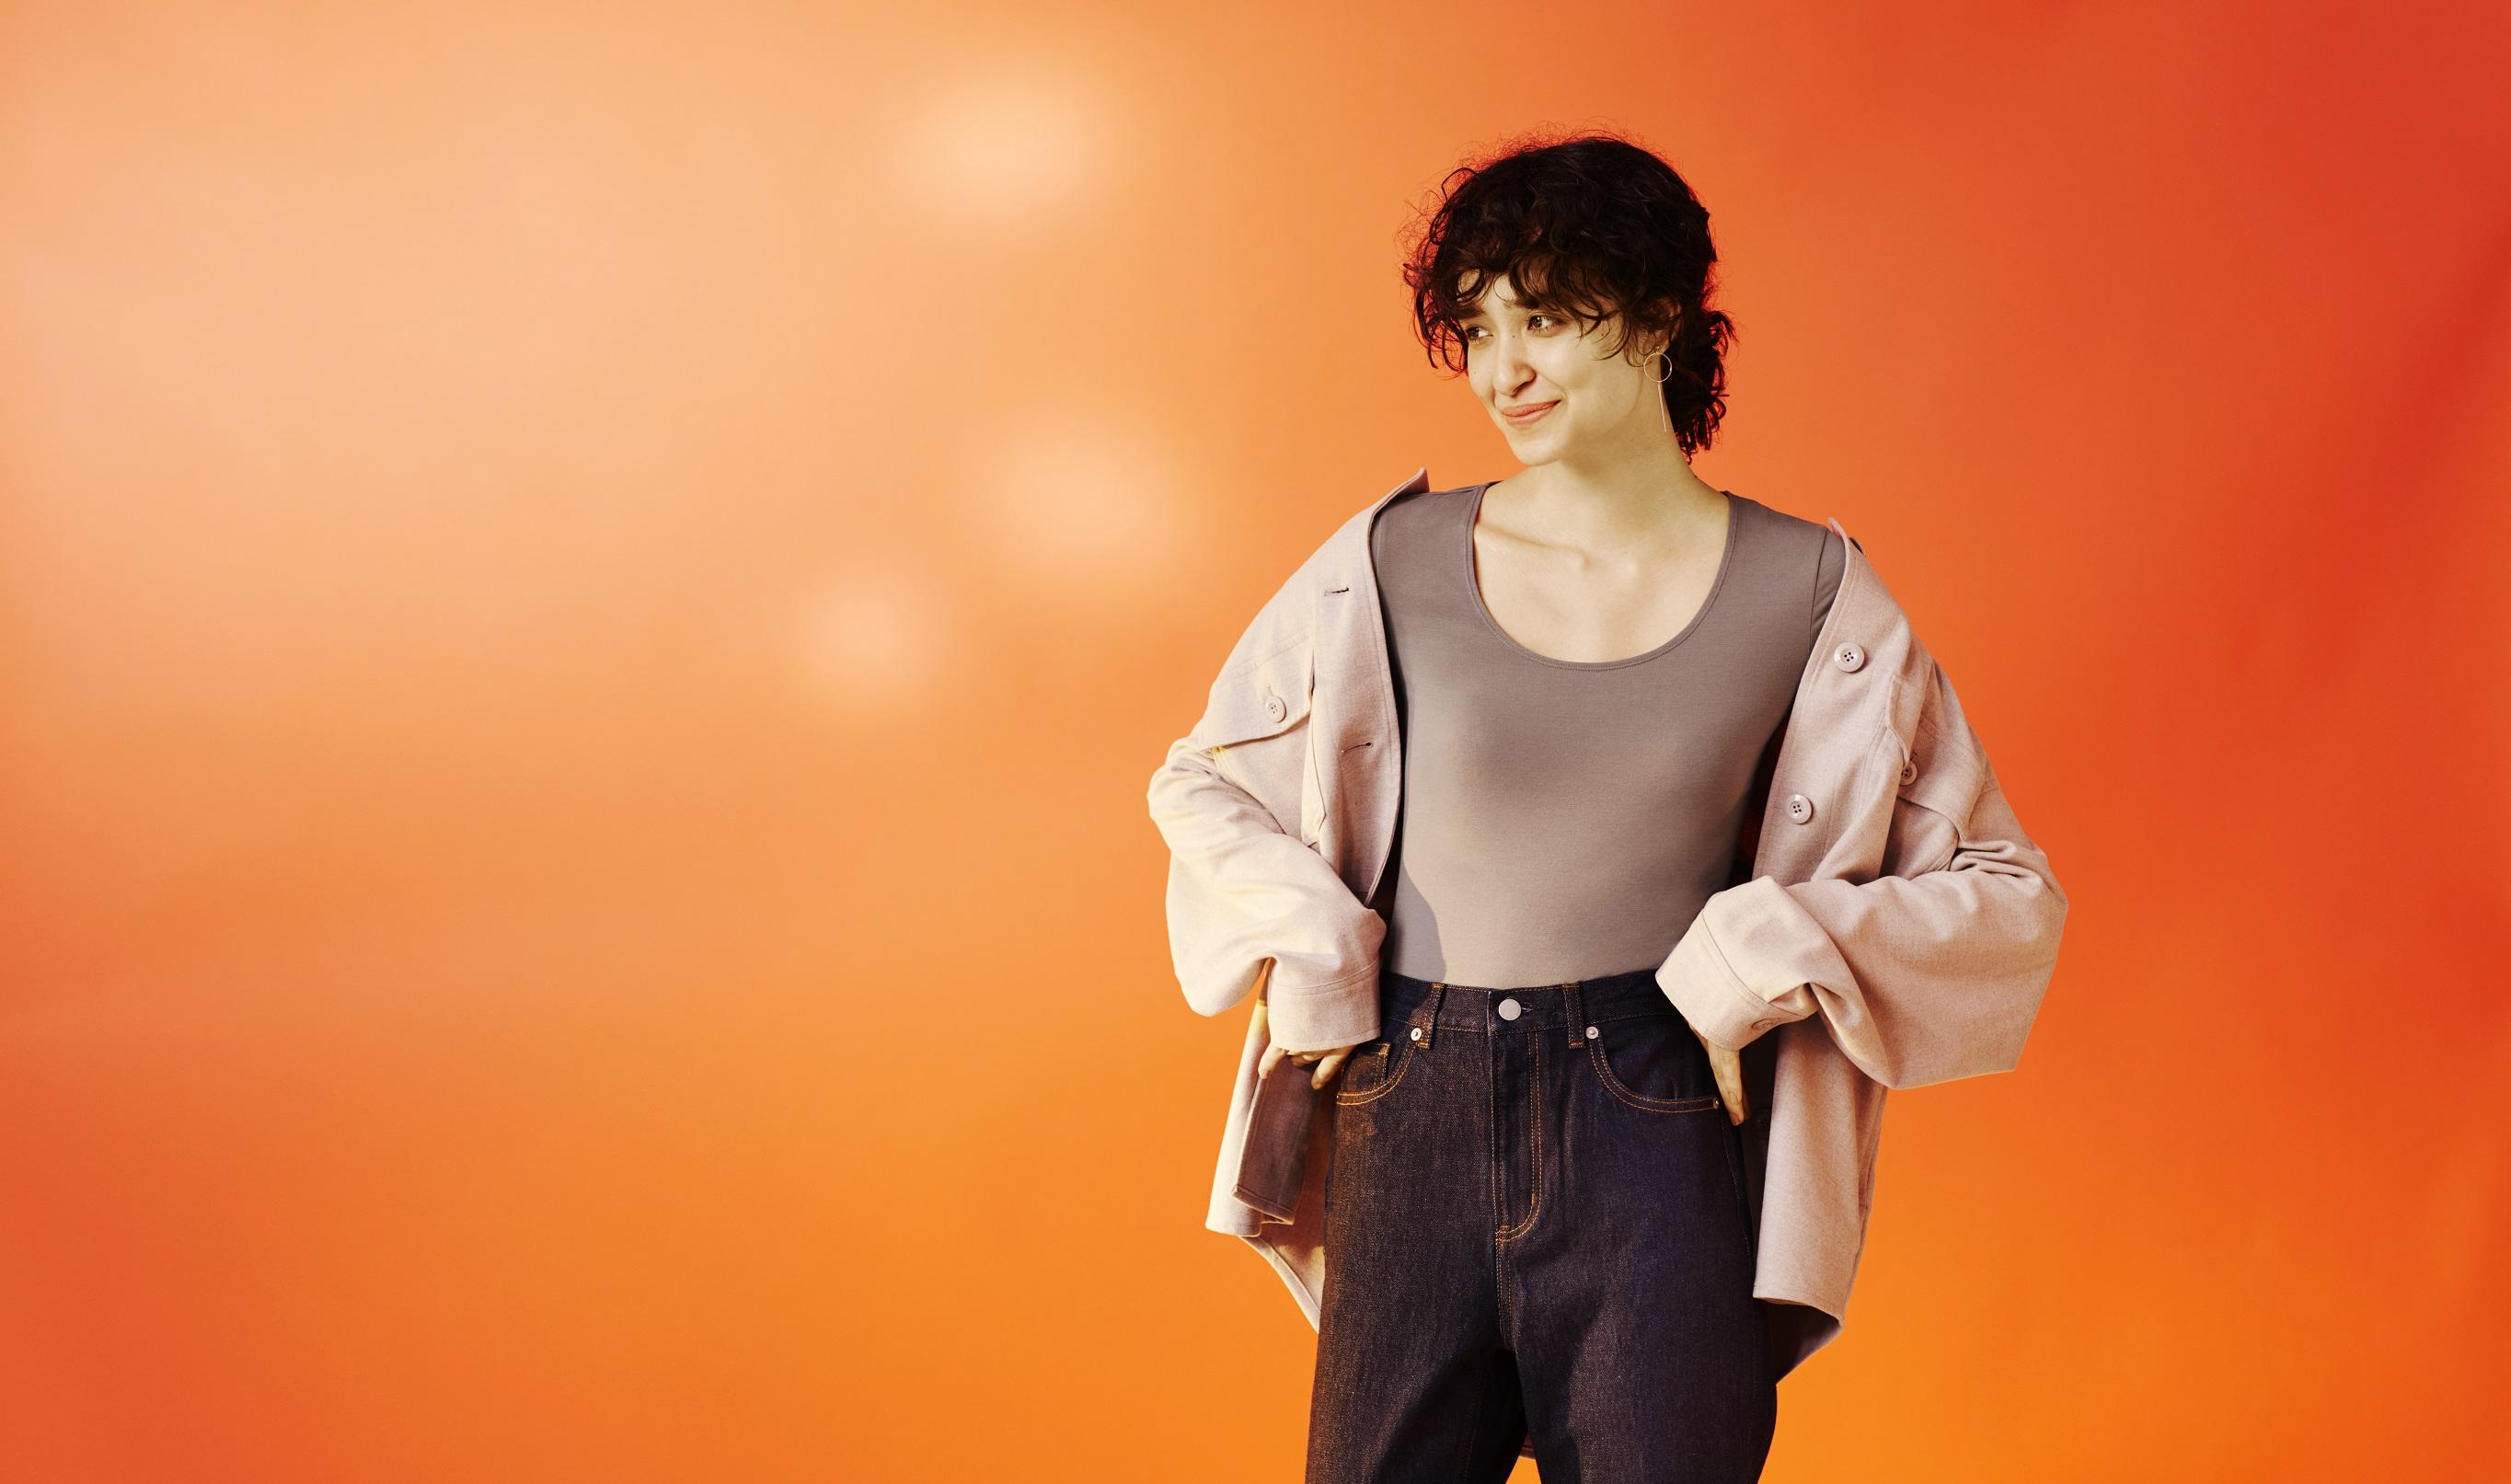 『GU』のあったかインナー「STYLE-HEAT」発売中! 着心地もファッション性も高すぎなラインアップを披露☆_1